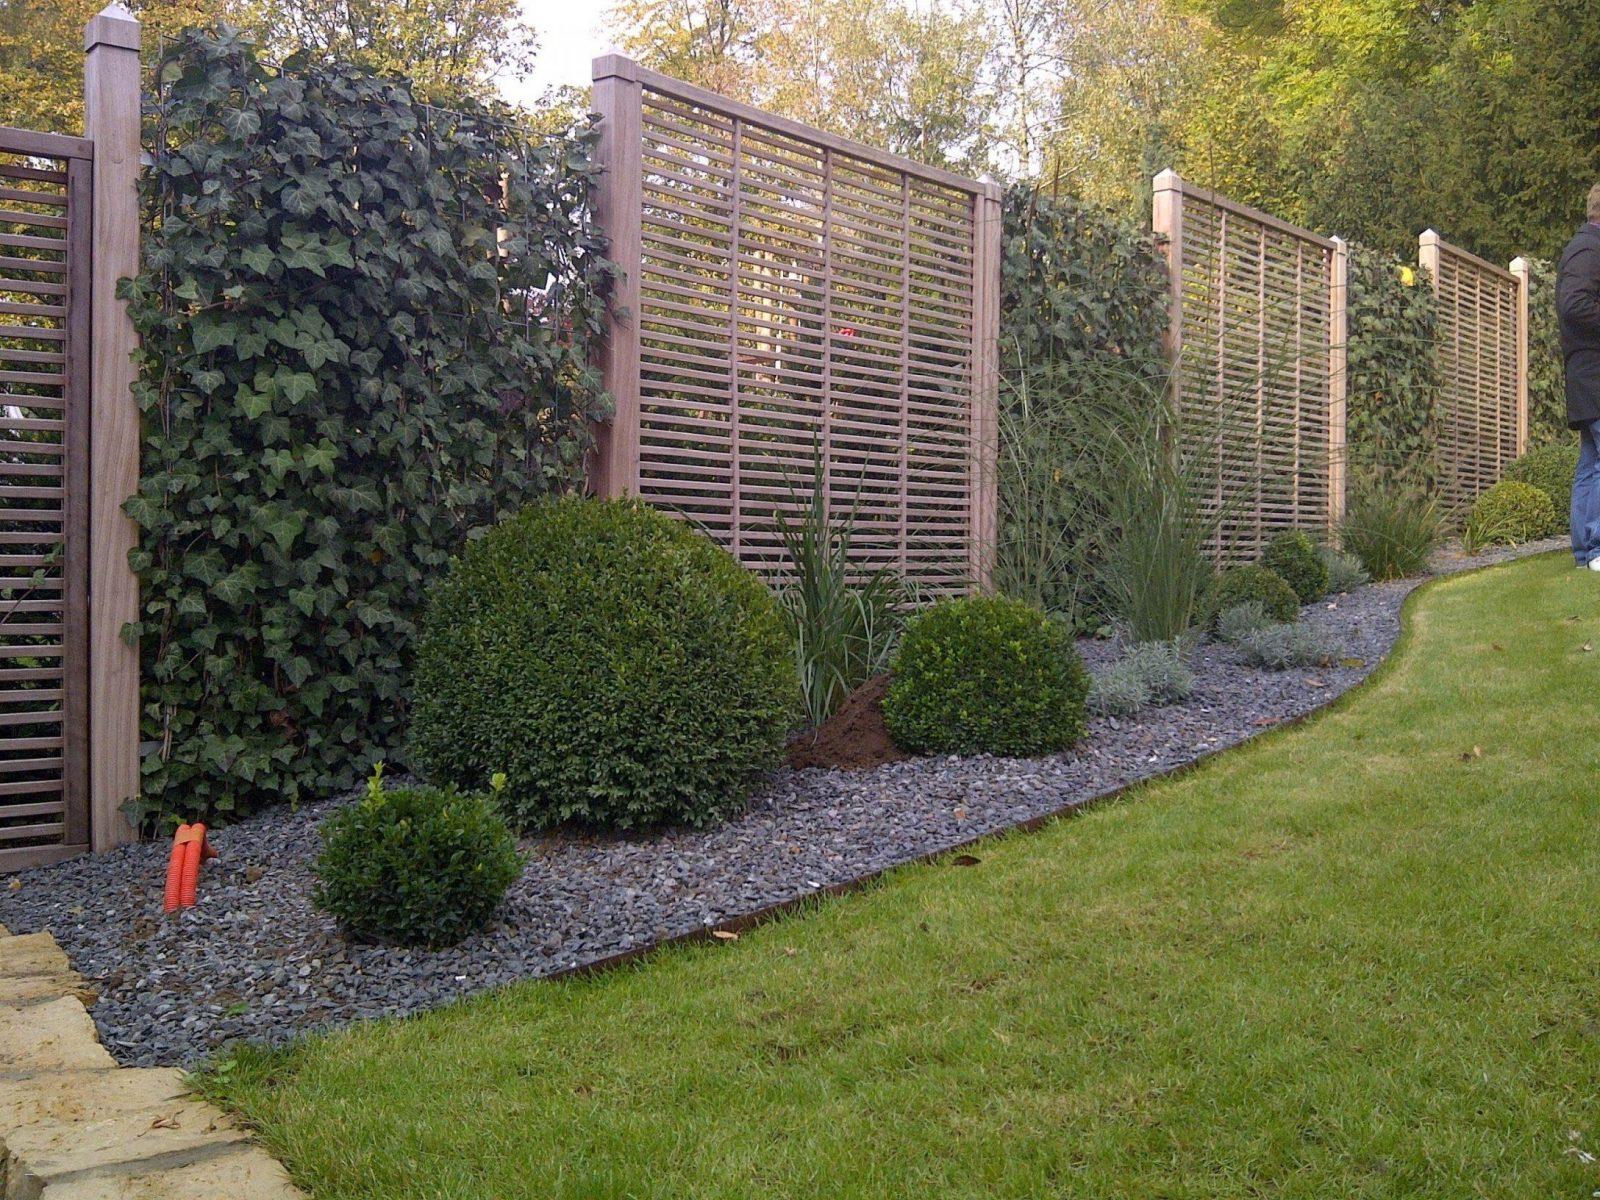 Bepflanzung Zaun Idee Haus Design Von Kleiner Zaun Für Vorgarten Bild